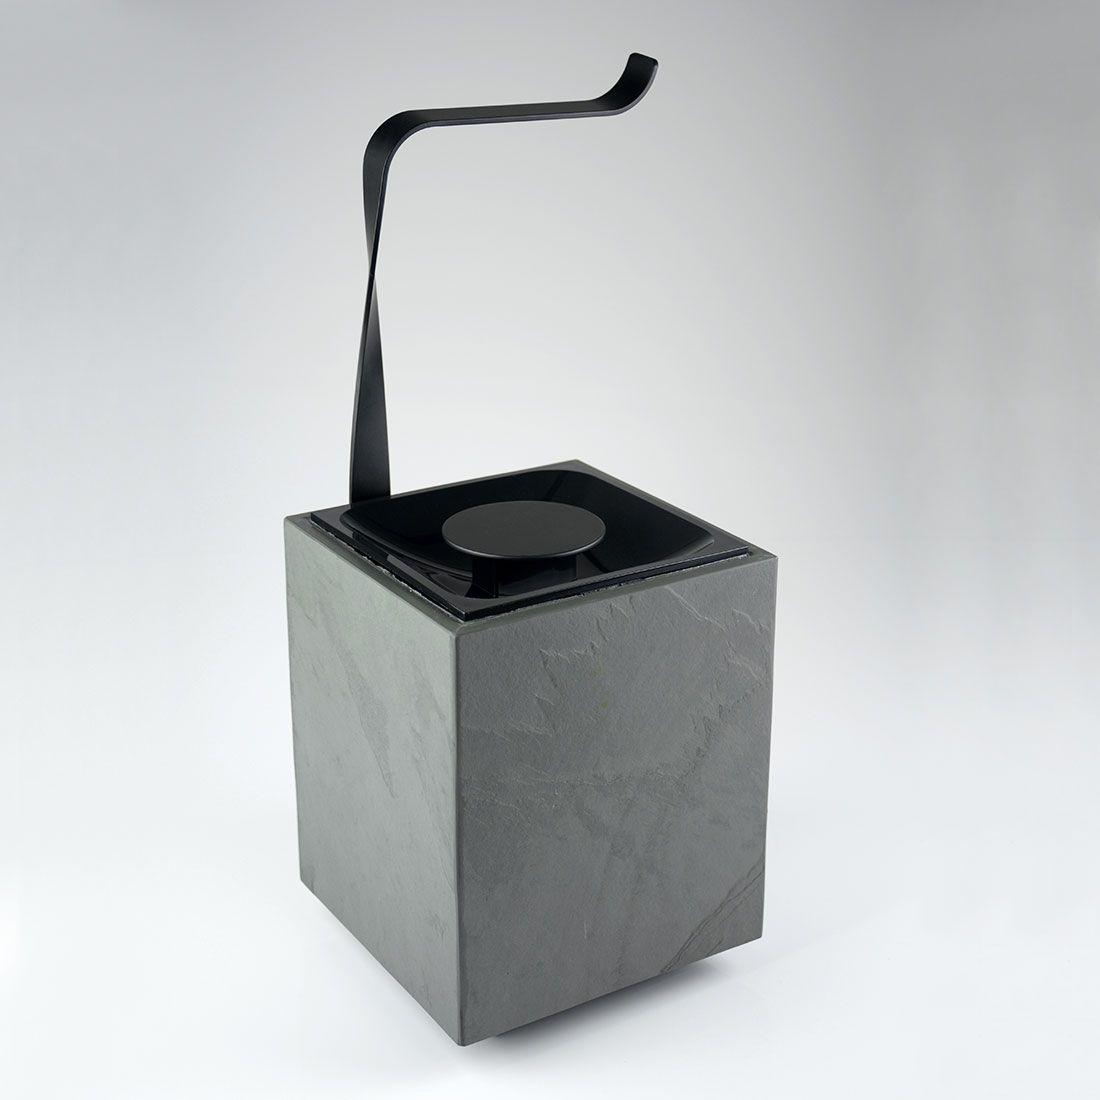 Papeleira de Chão com Lixeira 5 Litros Oriente Stone para Banheiros e Lavabos